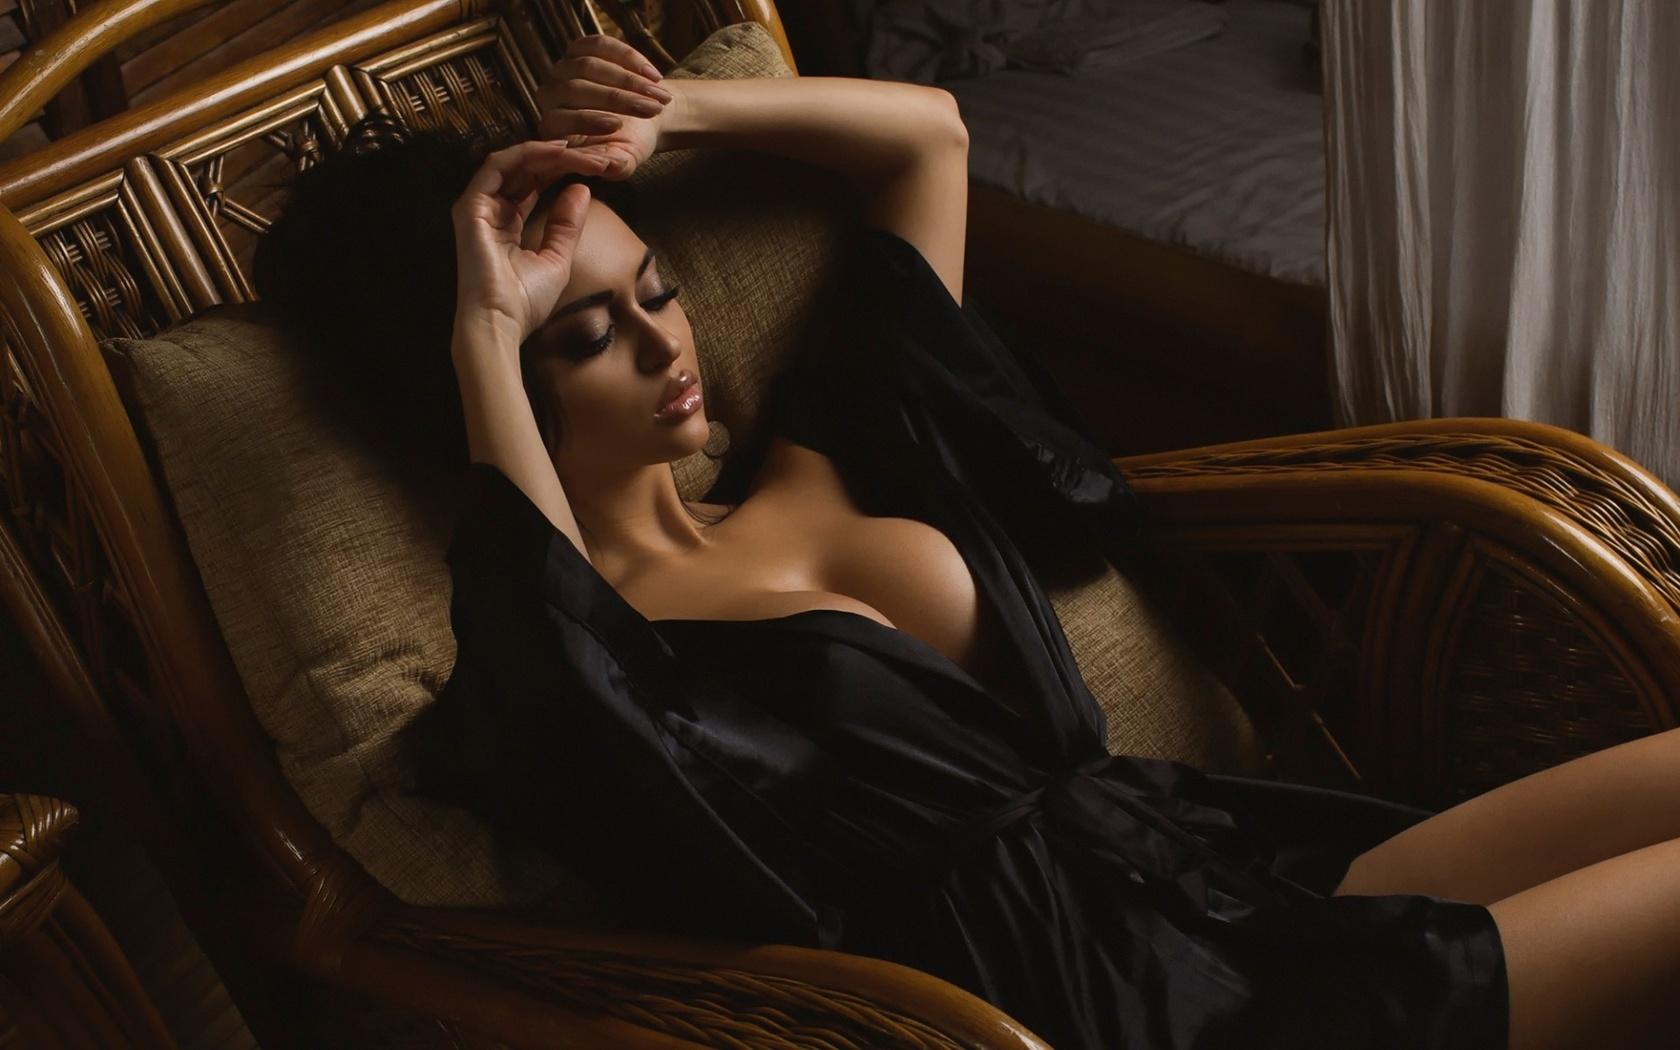 девушка в кресле в халате - 7